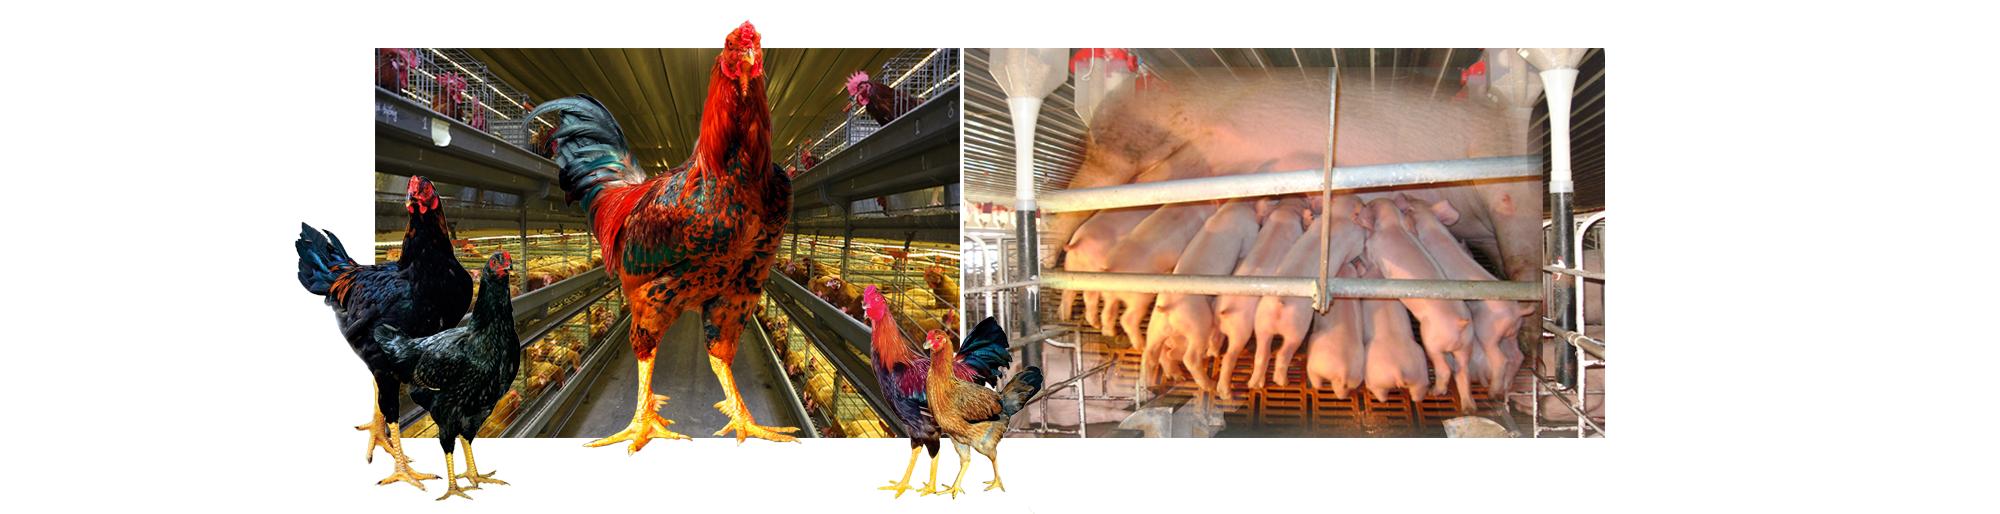 Chủ tịch Dabaco: Chính chuỗi cung ứng khép kín đã giúp Dabaco đạt vị thế hàng đầu trong ngành chăn nuôi cả nước - Ảnh 3.